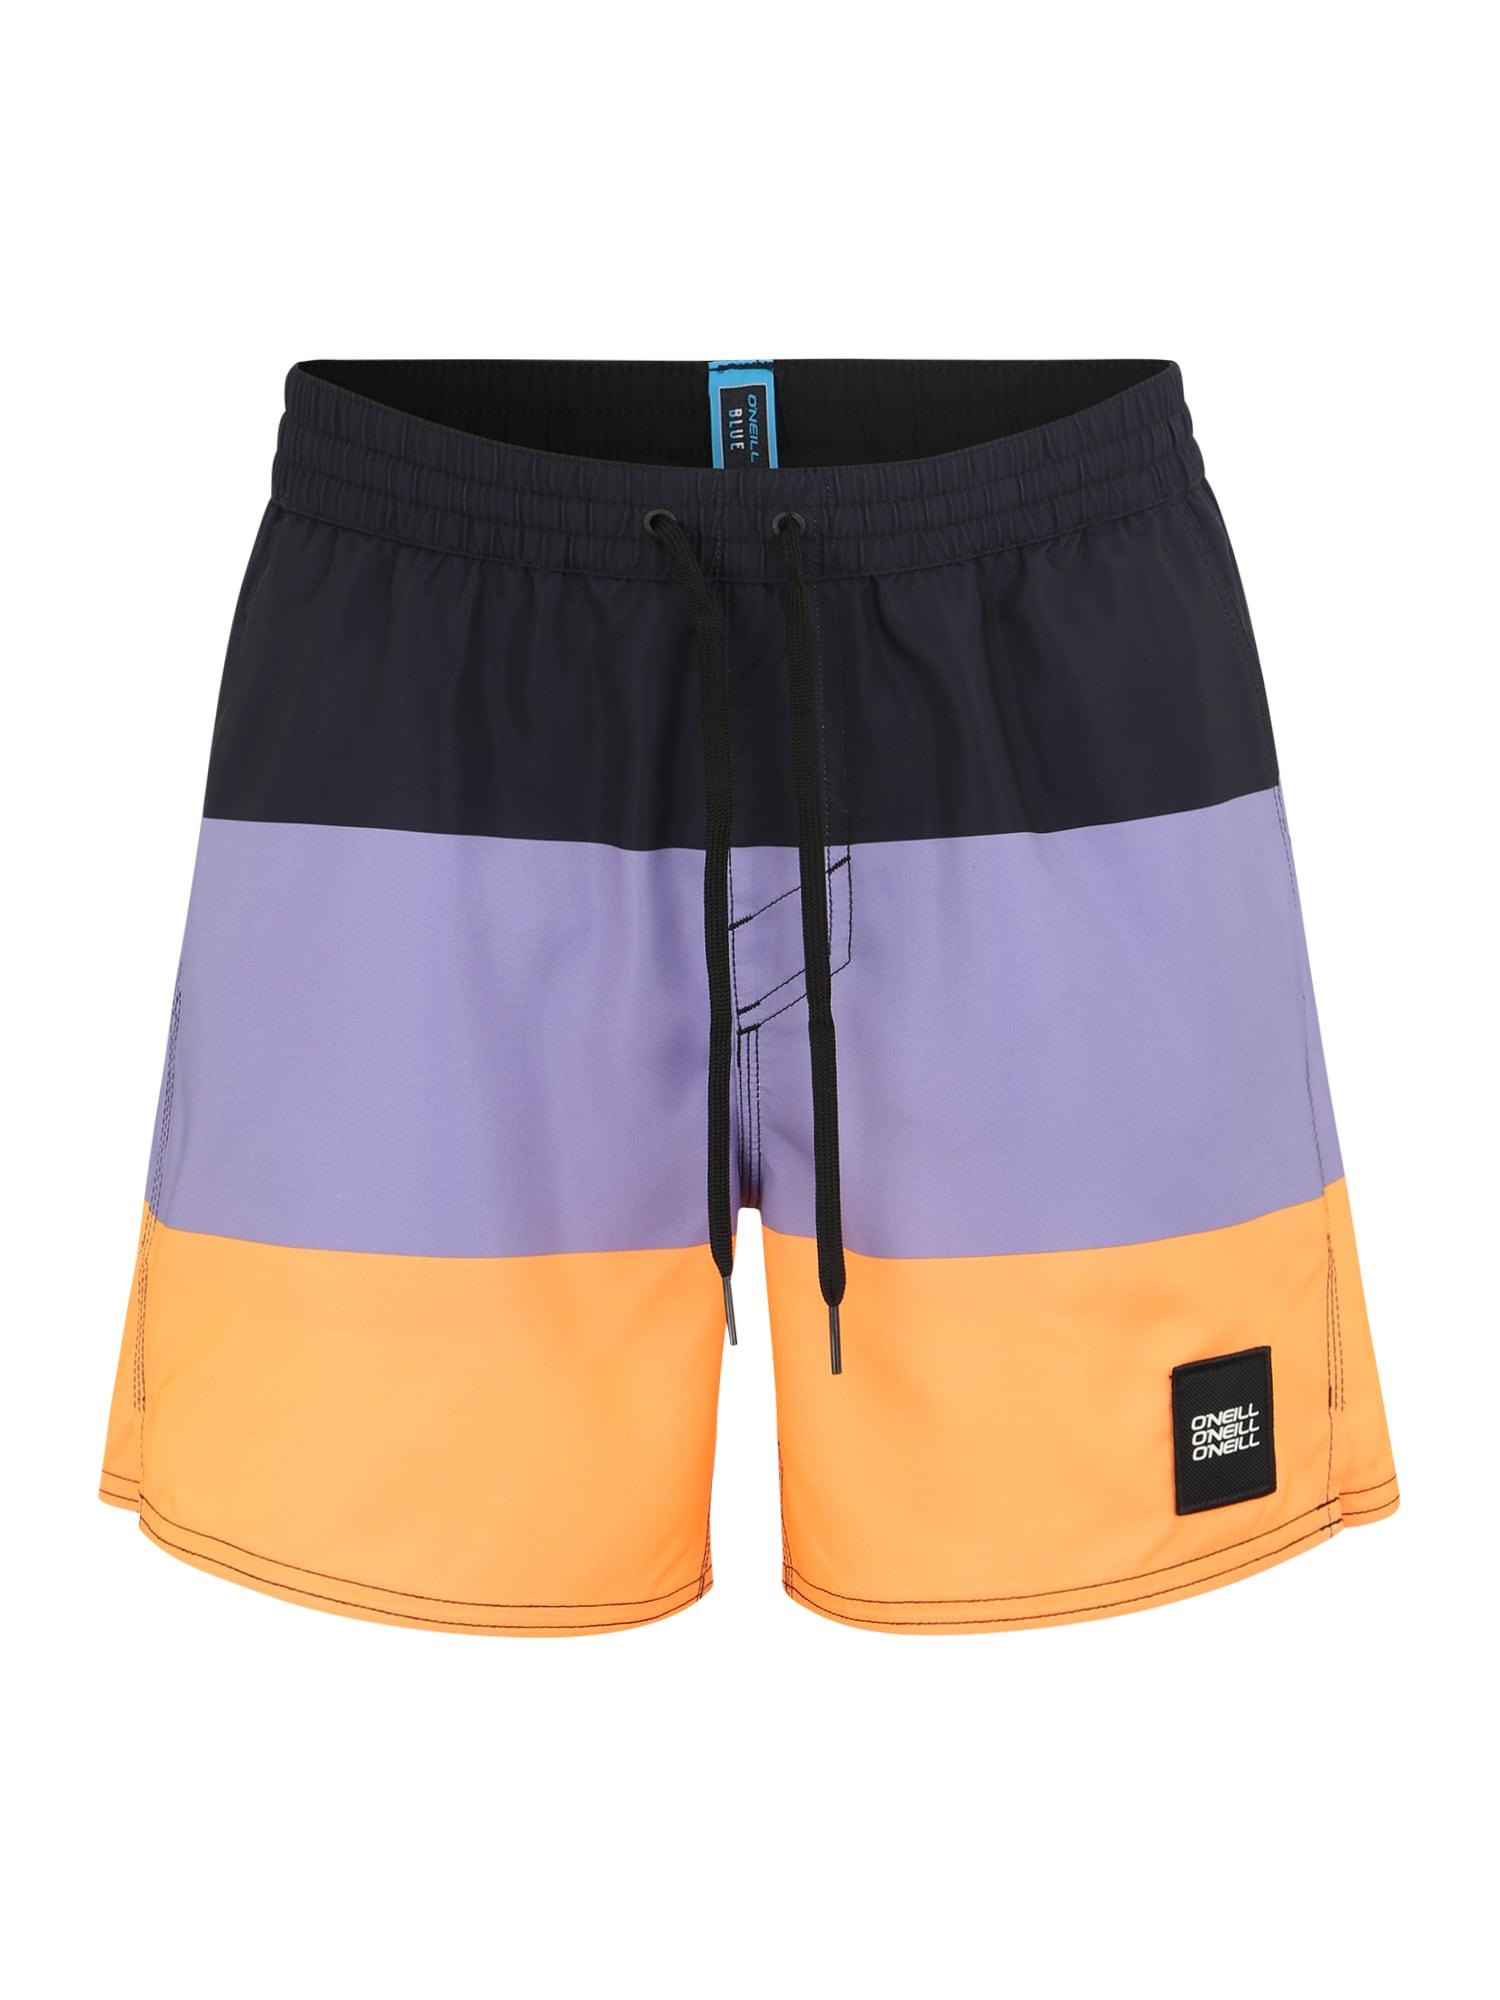 ONEILL Sportovní plavky VERT-HORIZON fialová oranžová černá O'NEILL